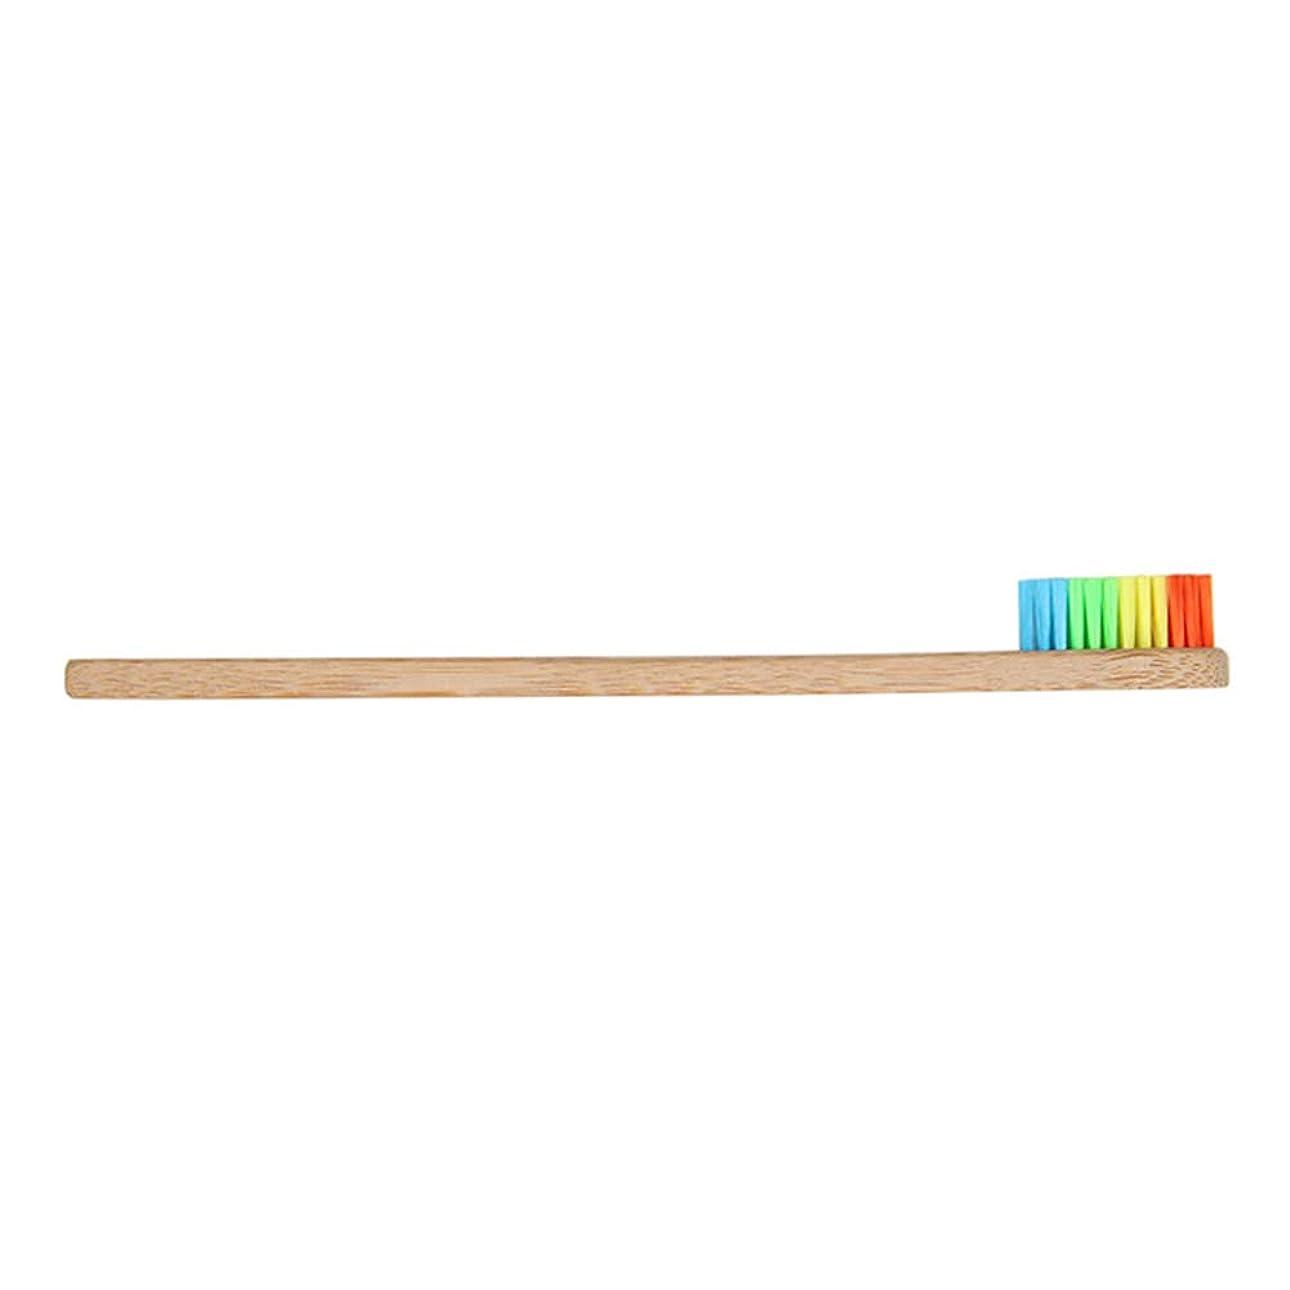 膨らませる筋肉の主にCoolTack 1/4個歯ブラシ竹木製ハンドル虹ソフト剛毛オーラルケア歯ブラシ用大人子供